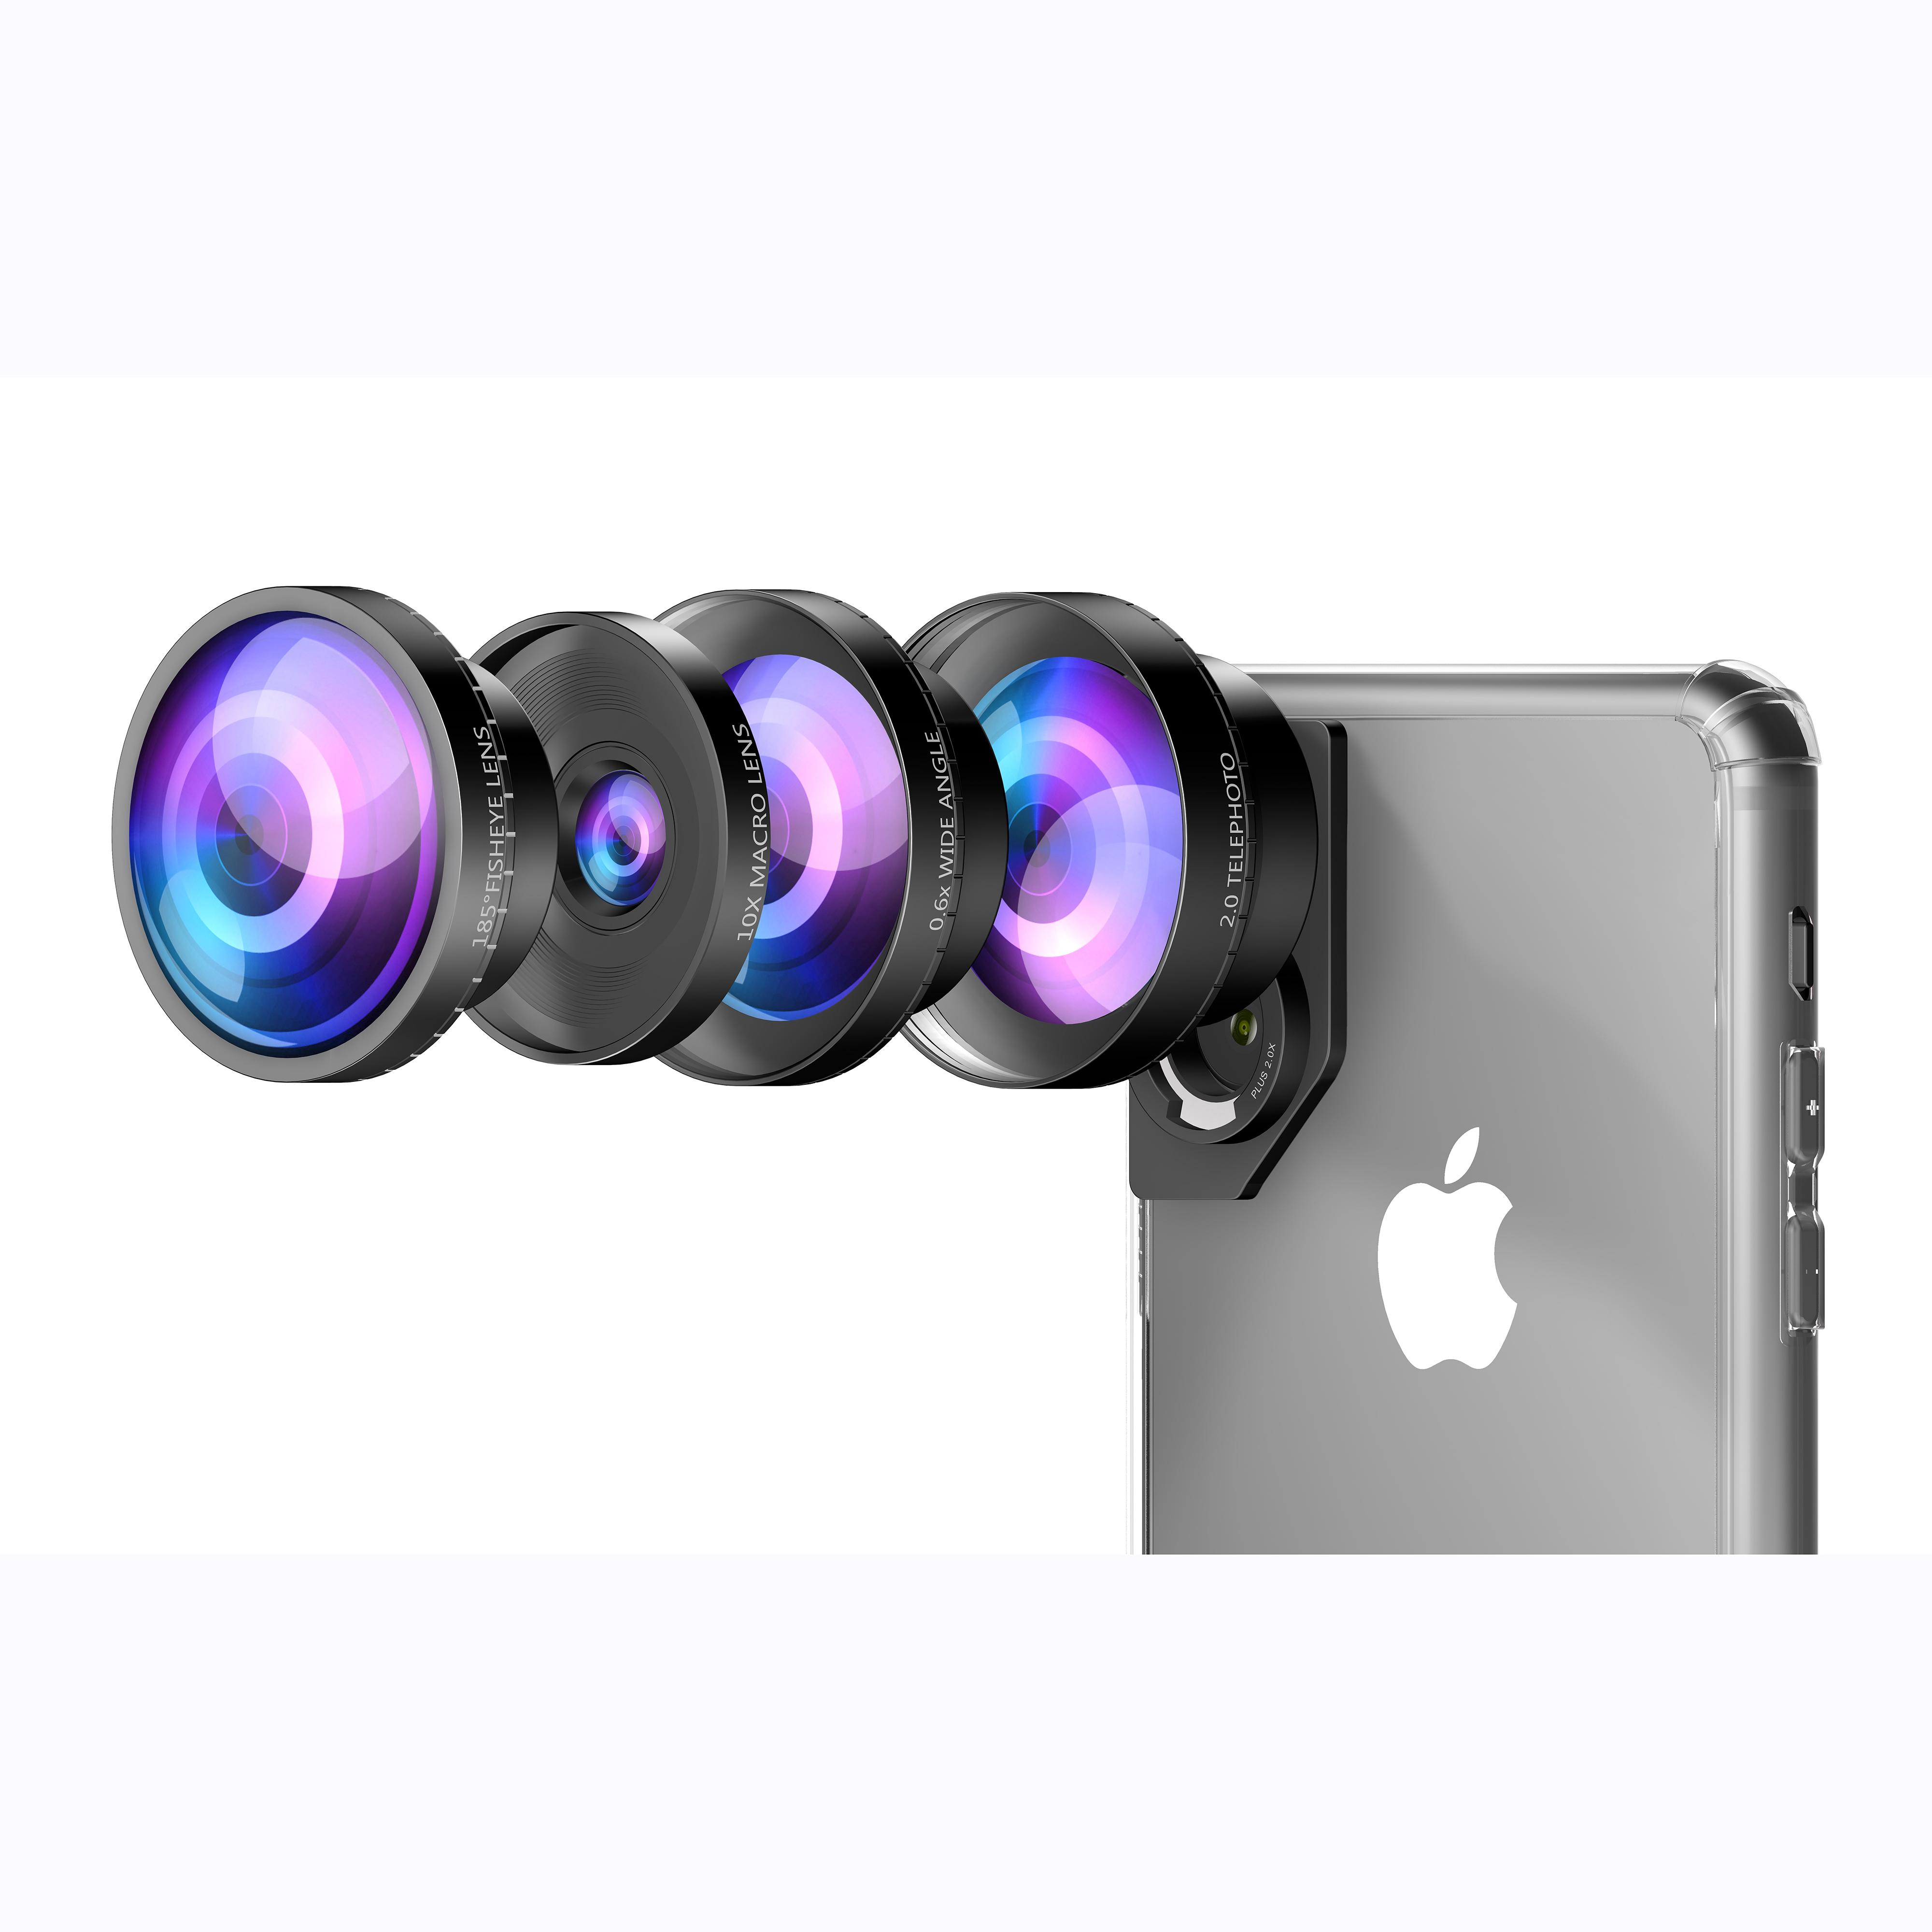 Mobile phone shanghai prices full frame dslr camera phone lens fisheye wide angle macro zoom 4 in 1 lens kit